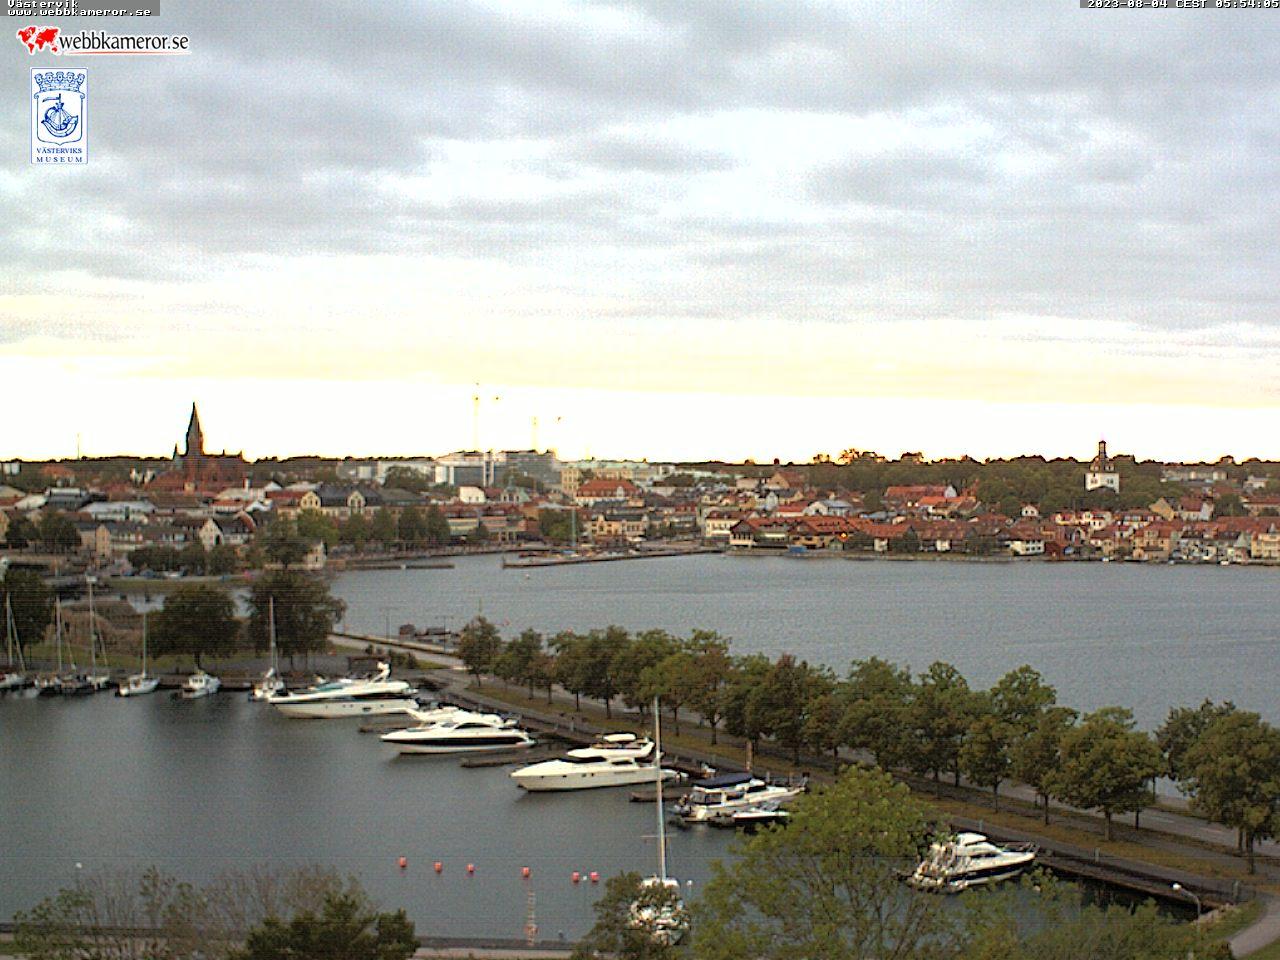 Webbkamera mot Slottsholmen, Gamlebyviken.